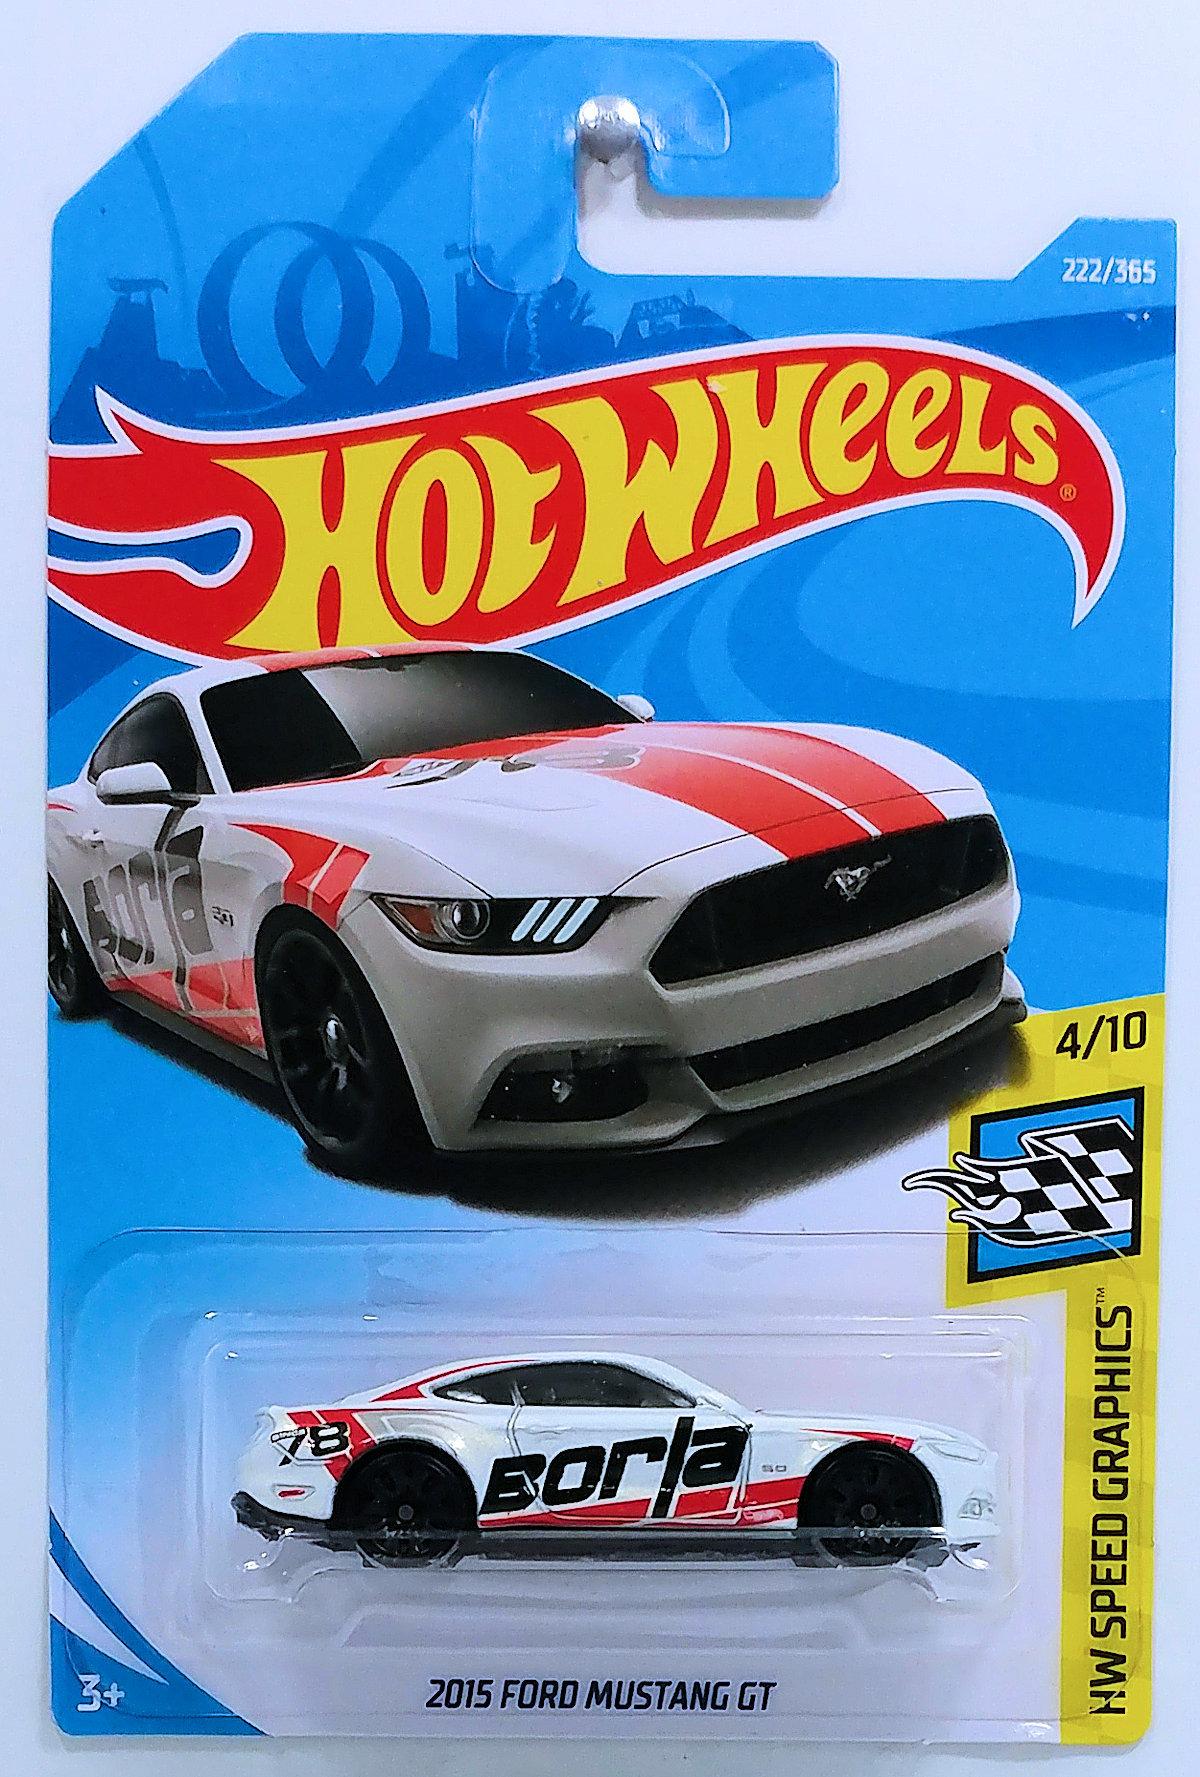 2015 Ford Mustang Gt Model Cars Hobbydb